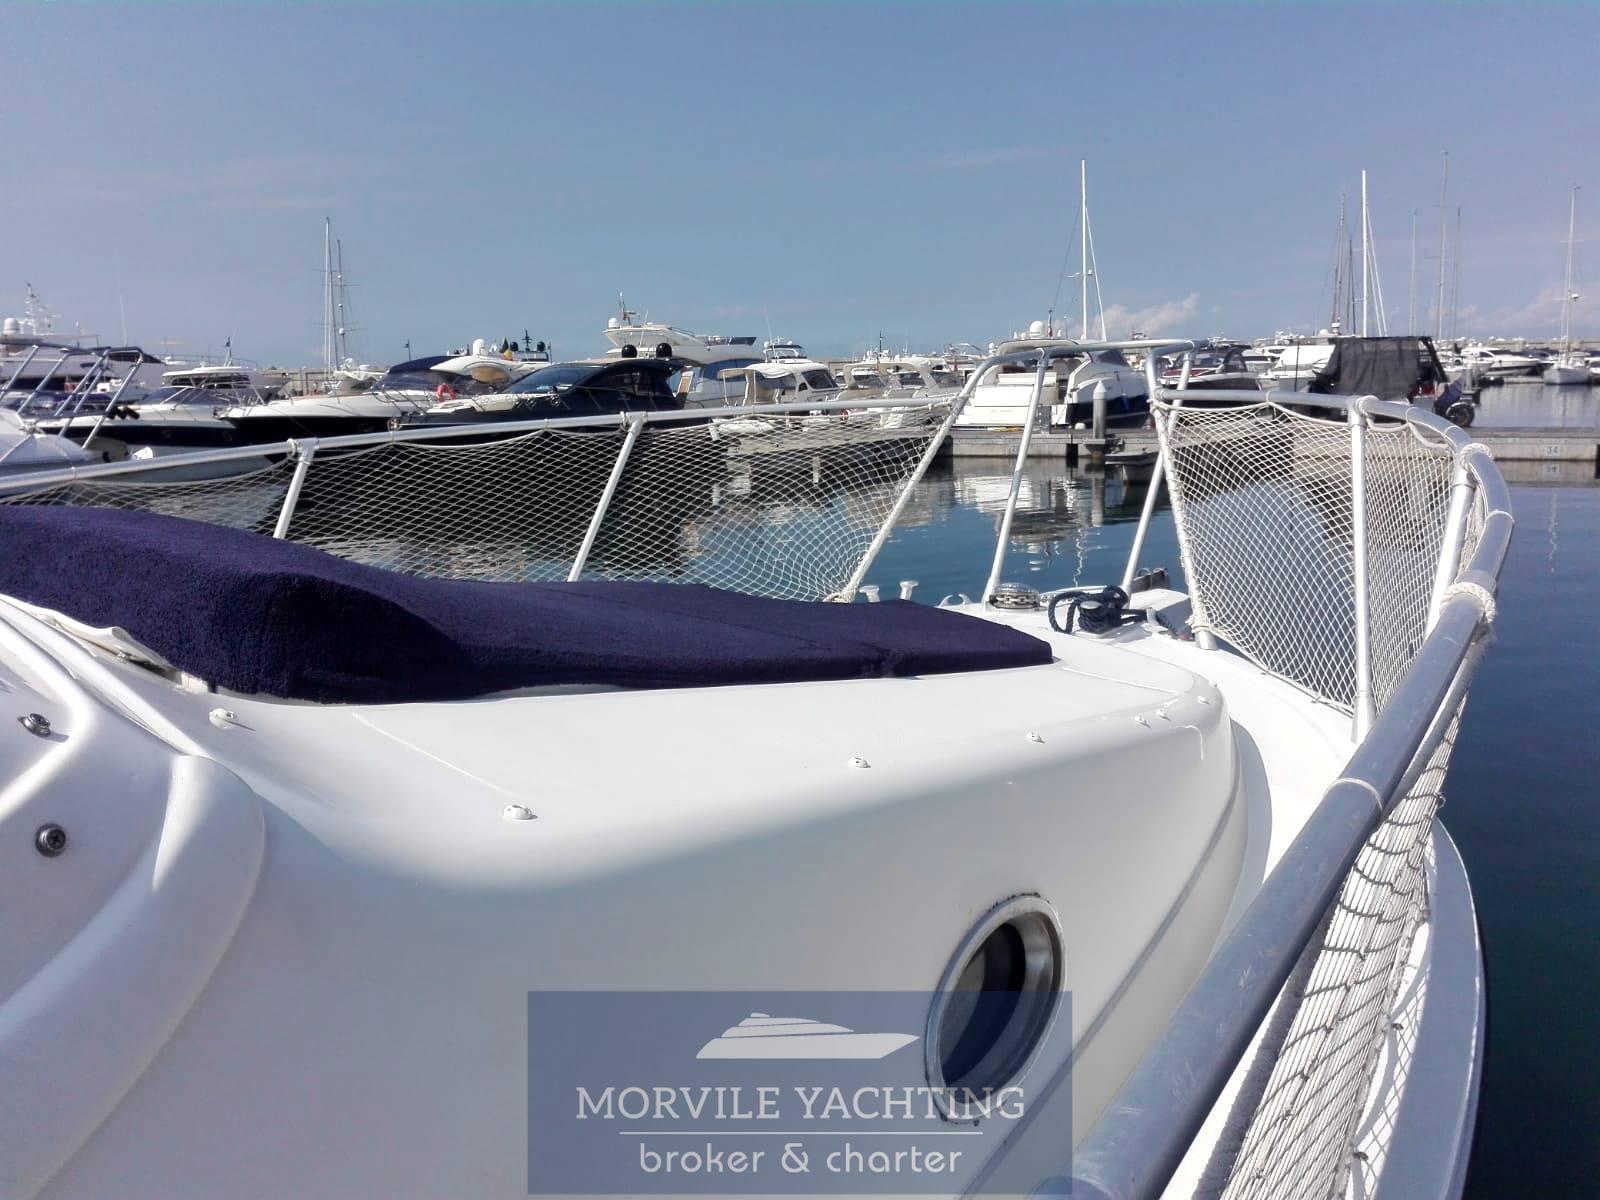 Della pasqua Dc 10s Motor boat used for sale